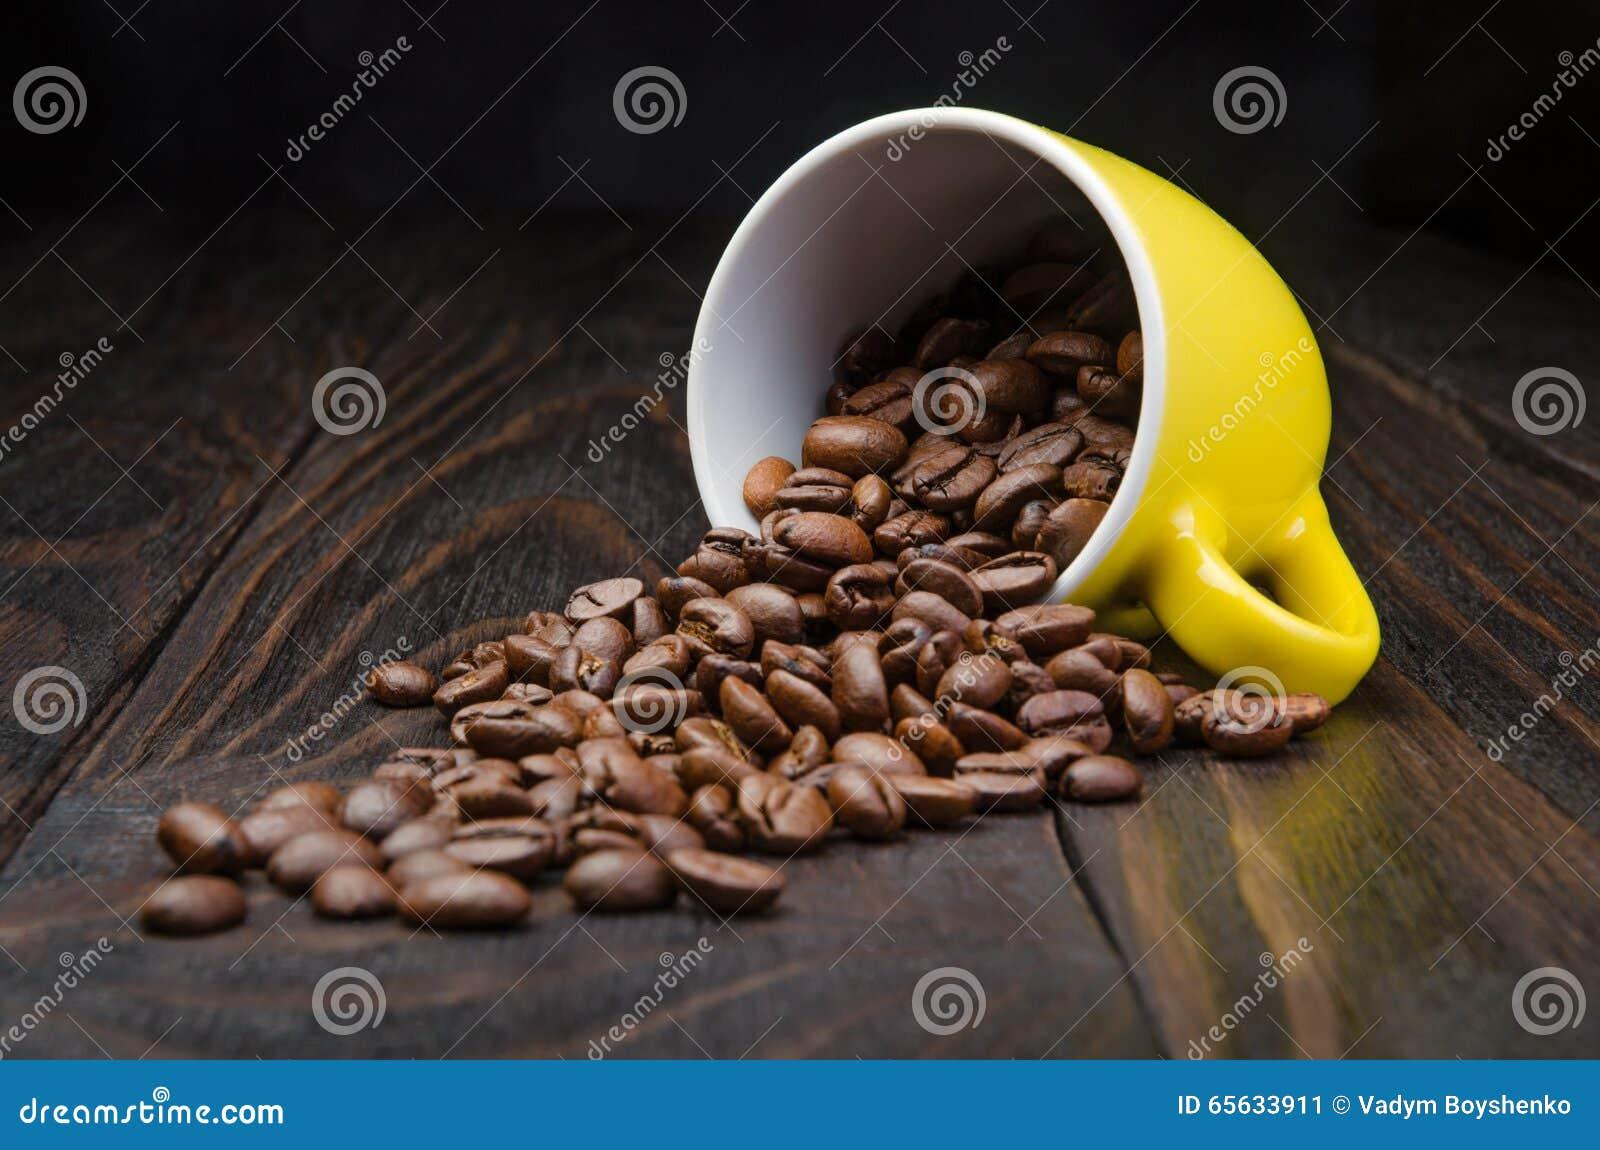 Grains de café dans une tasse jaune